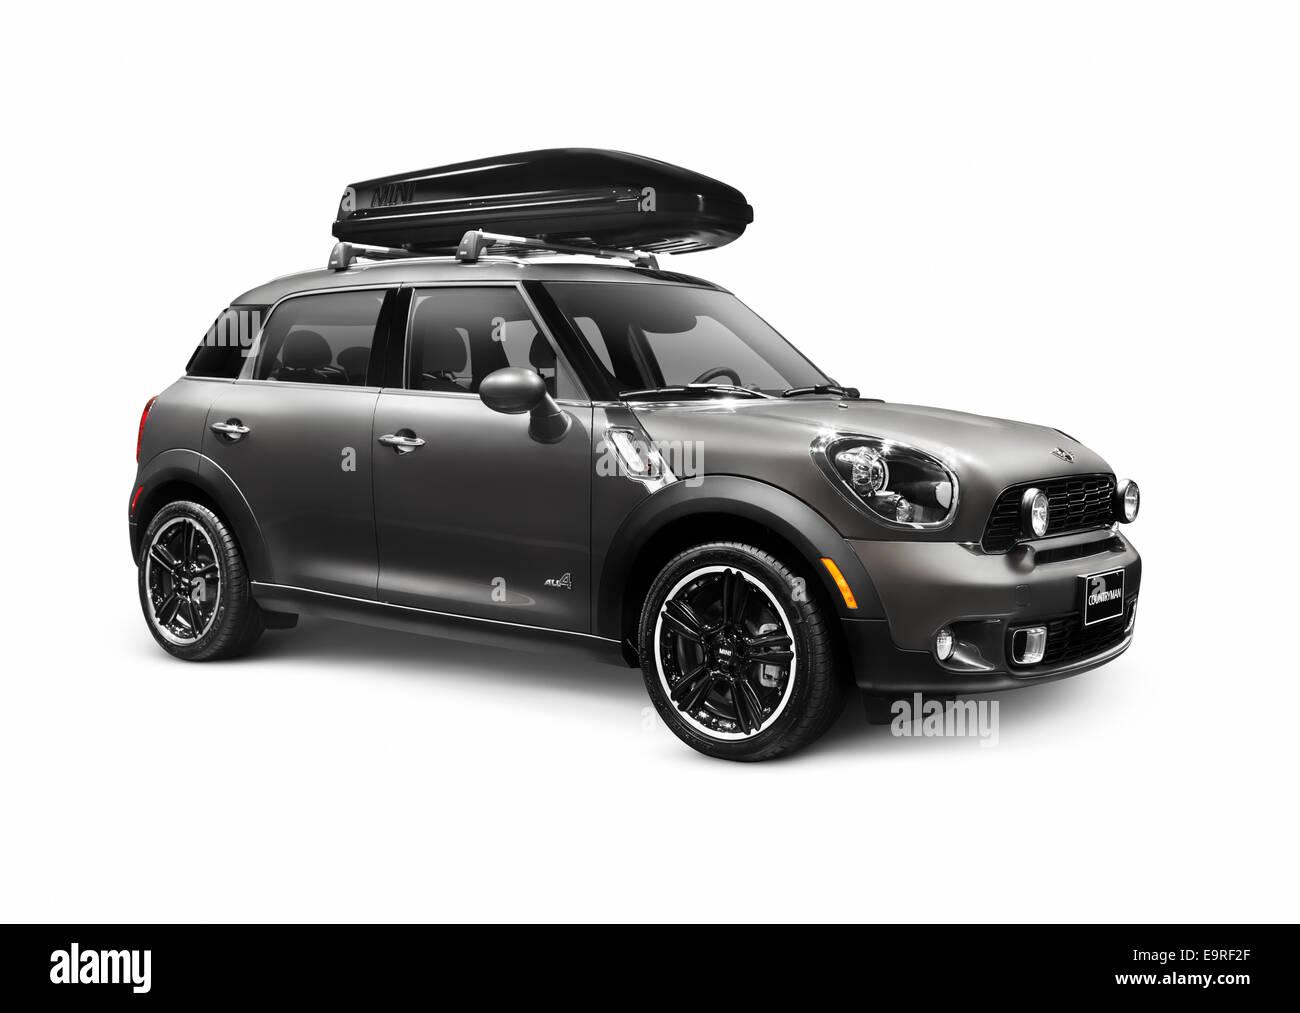 Gray 2014 Mini Cooper Countryman CUV compact avec une cargaison de voiture coffre de toit isolé sur fond blanc Photo Stock